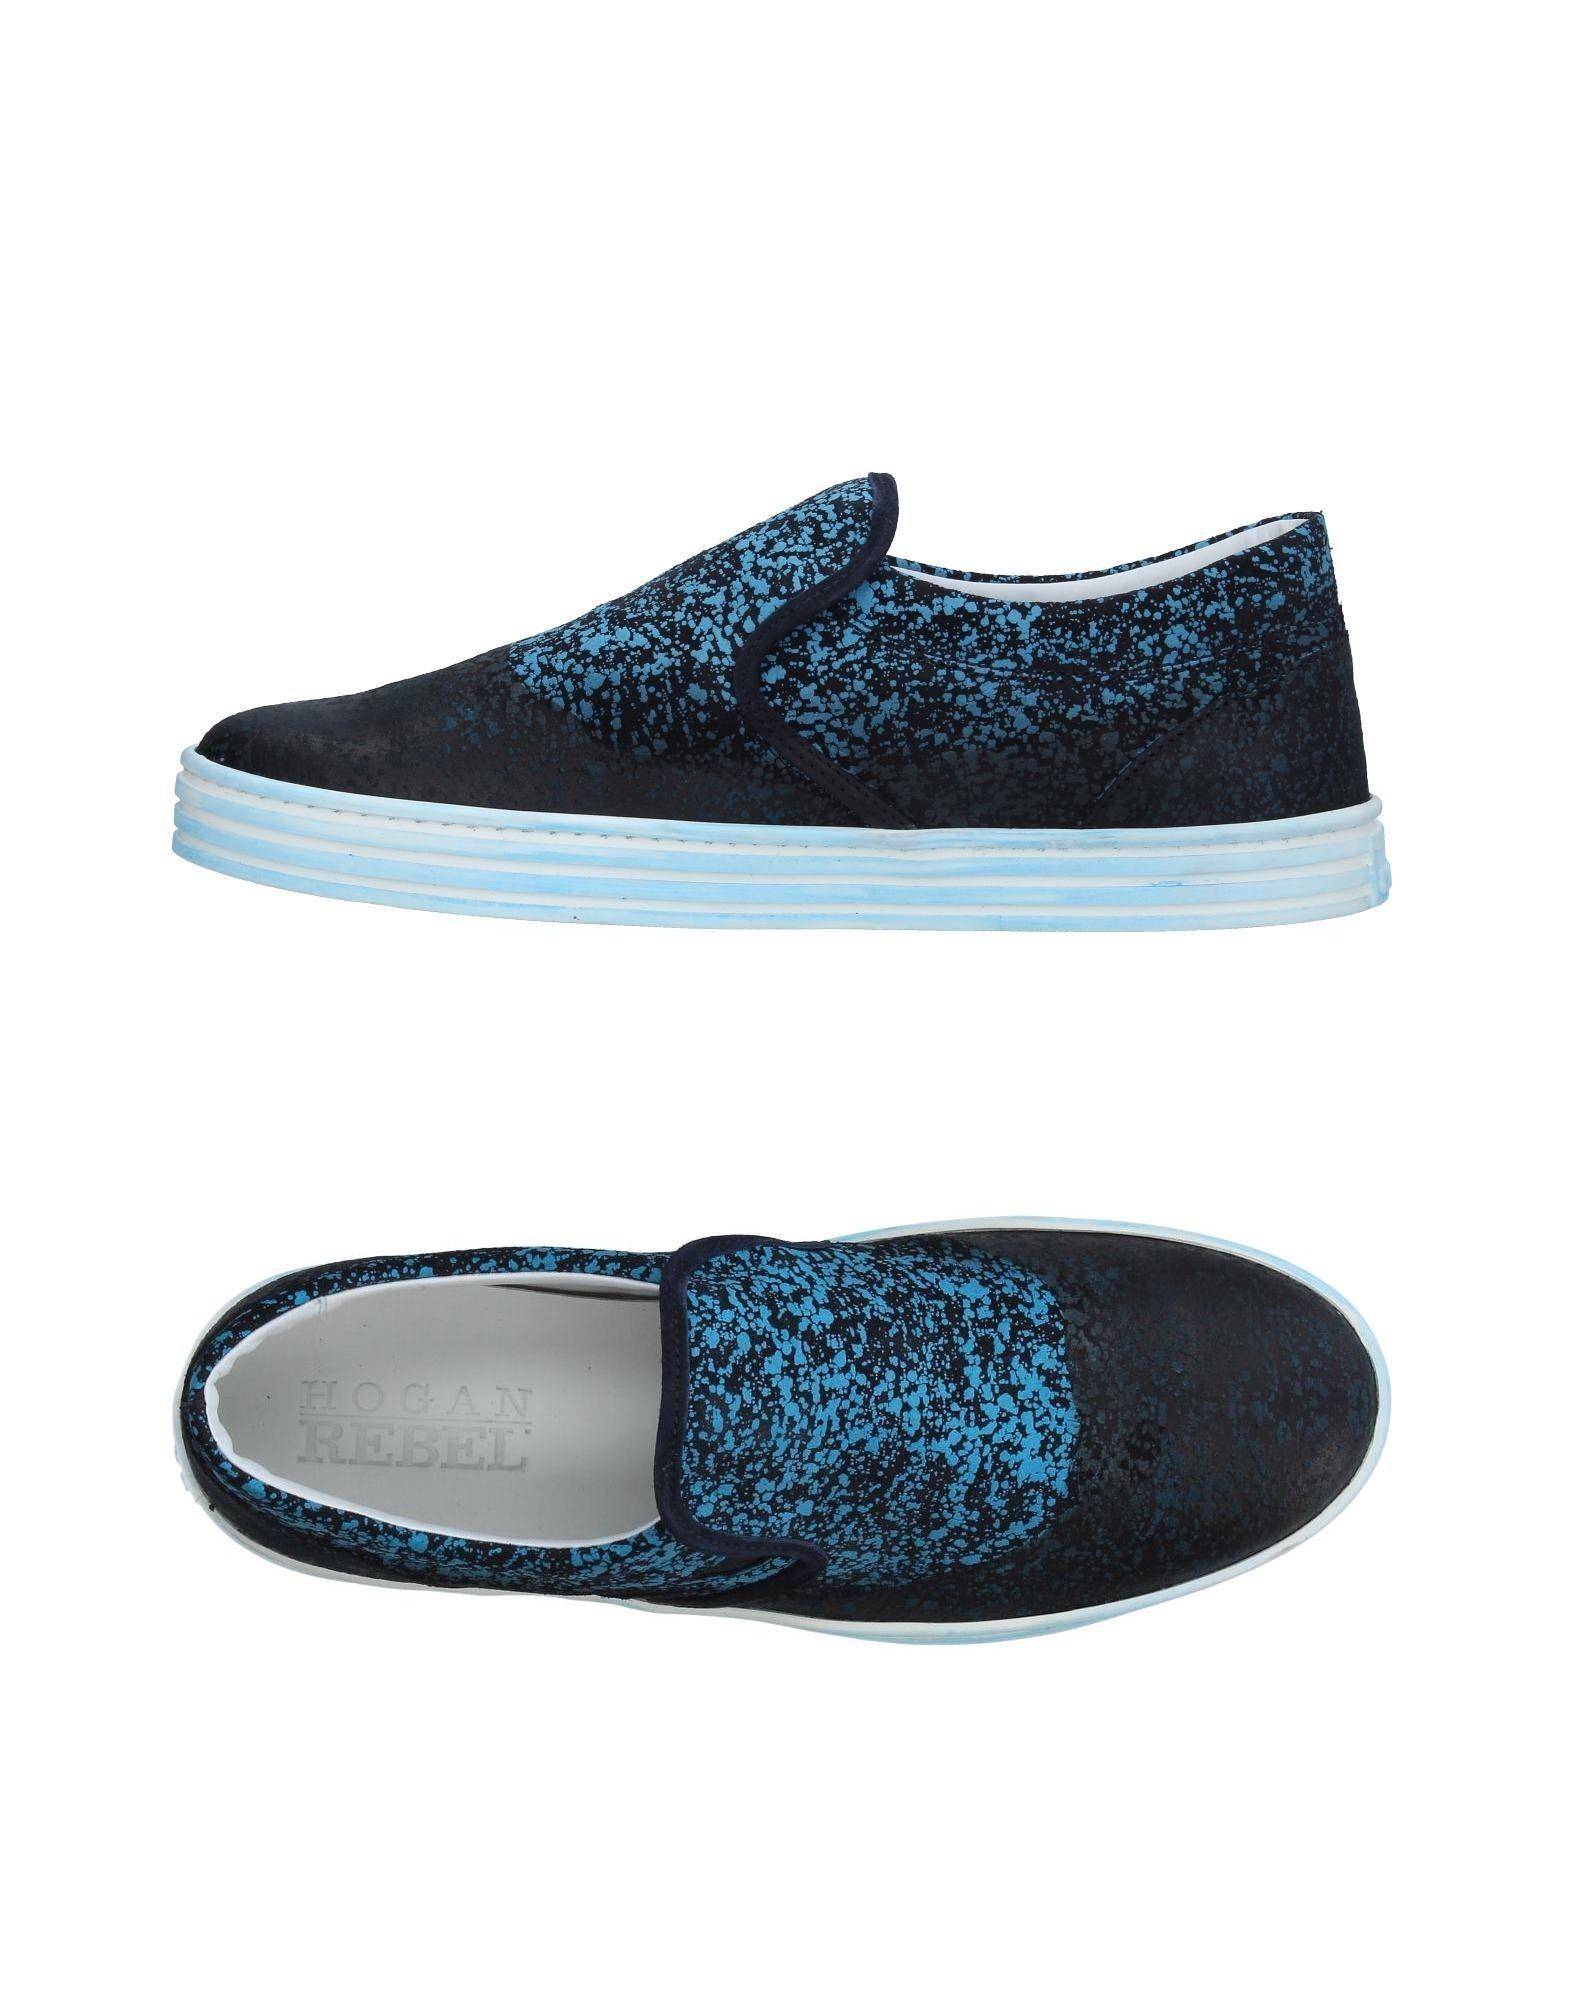 Rabatt Sneakers echte Schuhe Hogan Rebel Sneakers Rabatt Herren 11316774EN  c65778 35e5dba8b9